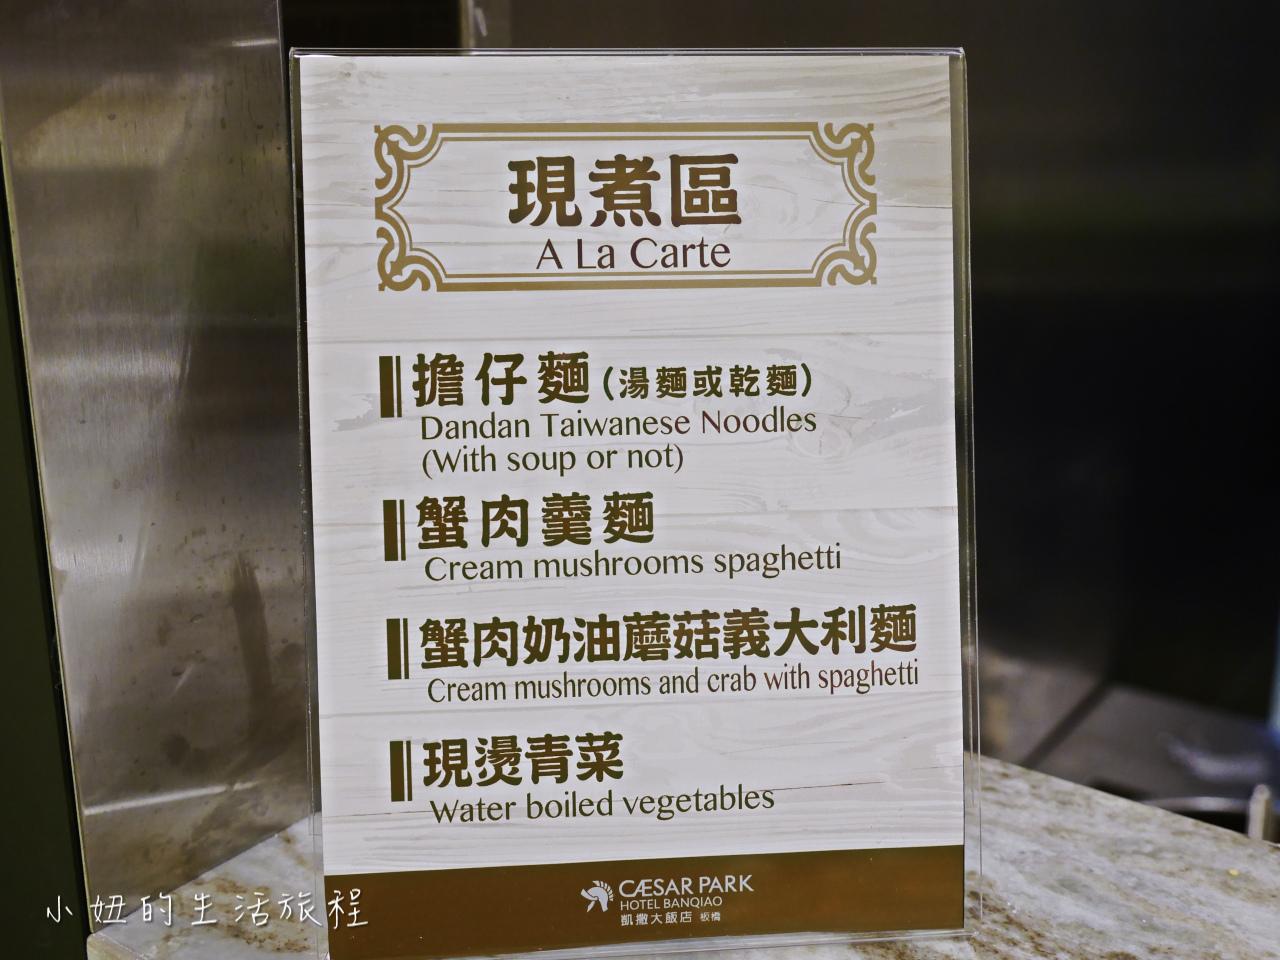 板橋凱撒大飯店,朋派自助餐-38.jpg